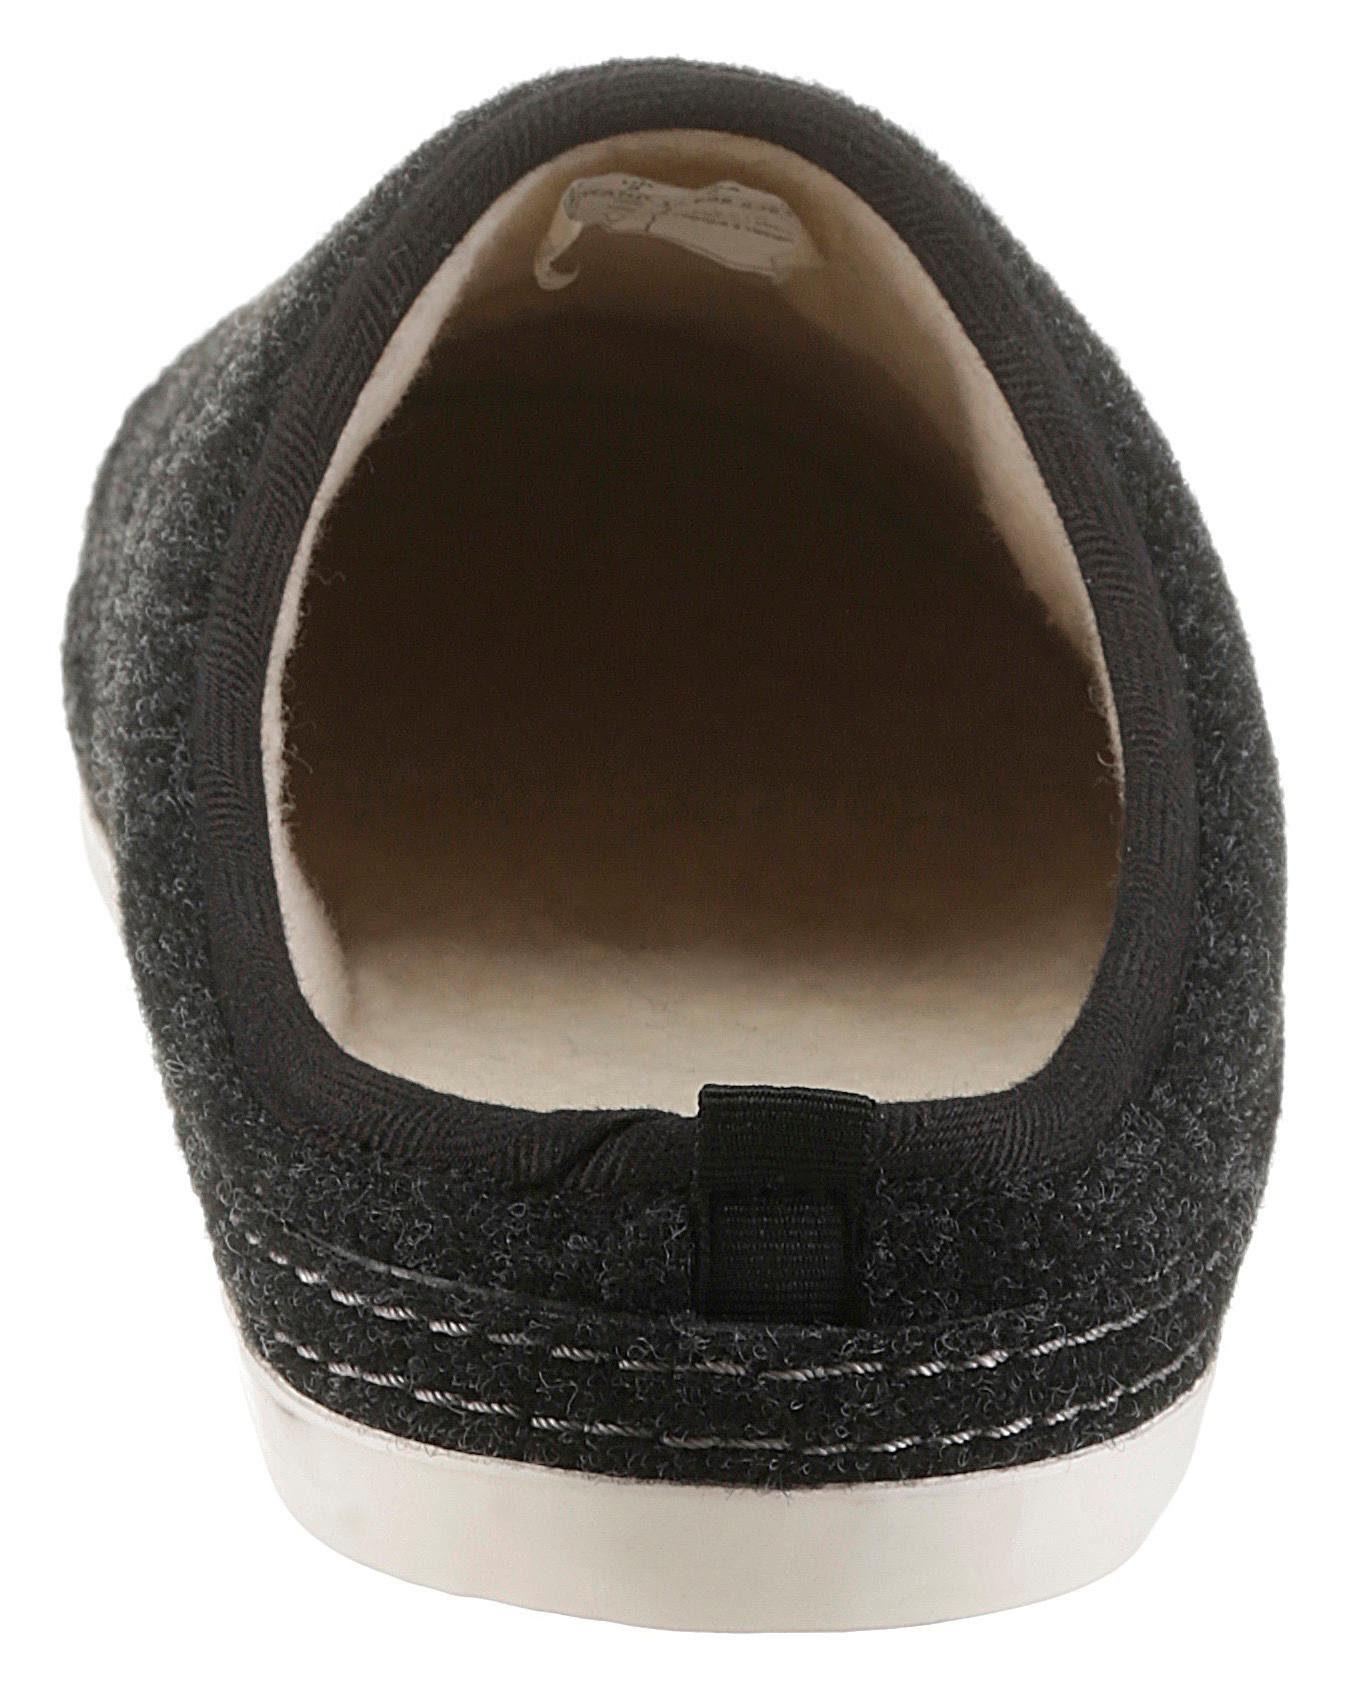 Gant Kaufen Online 6189512195 Hausschuh Frank Schwarz Artikel Footwear nr 176a1r